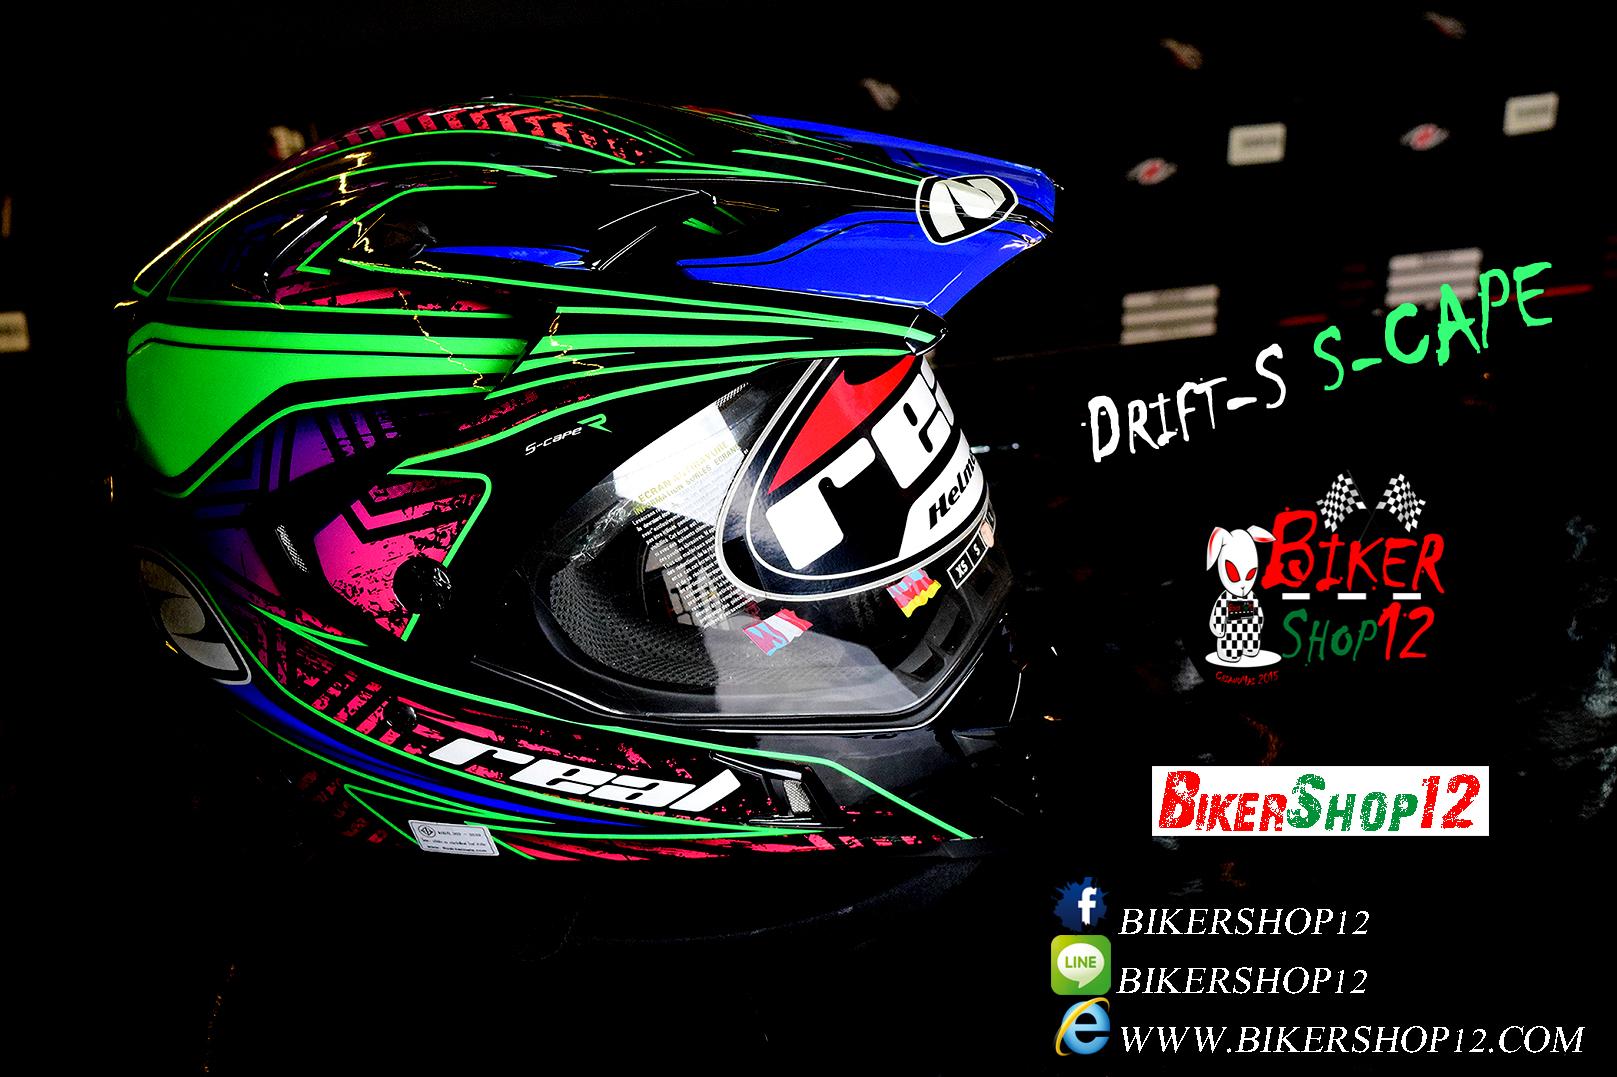 หมวกกันน็อคReal โมตาด Drift-S S-Cape สีดำ-เขียว สำเนา